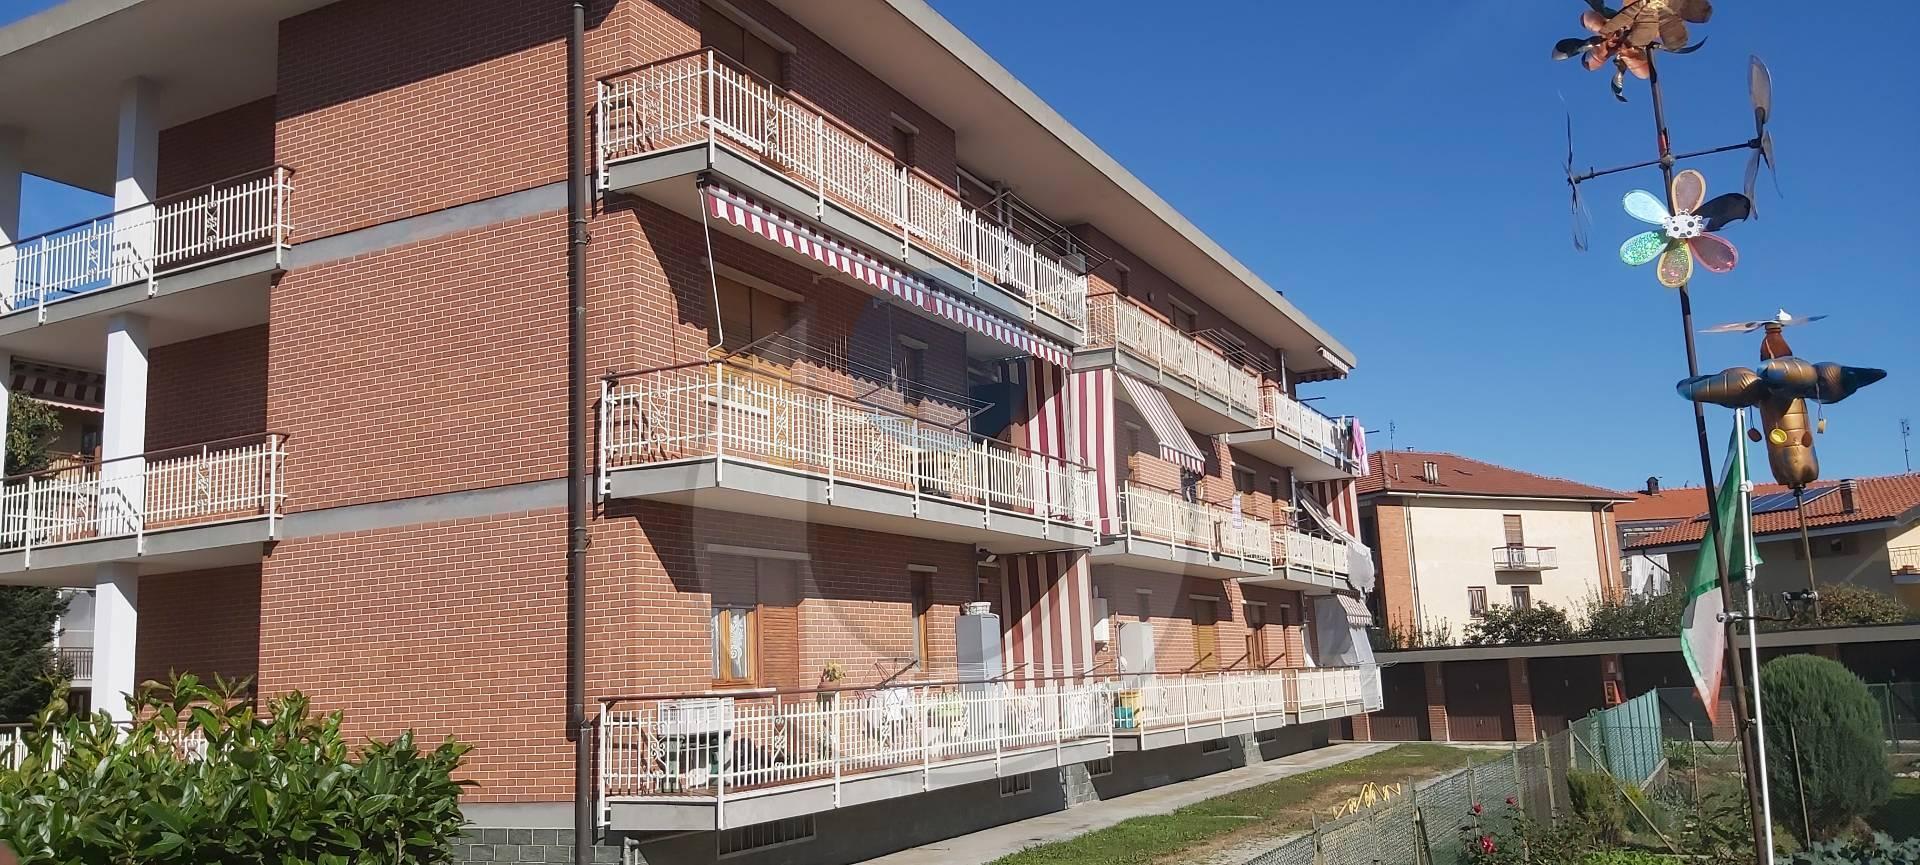 Appartamento in affitto a Giaveno, 5 locali, zona Località: ComodoAlCentro, prezzo € 470 | PortaleAgenzieImmobiliari.it